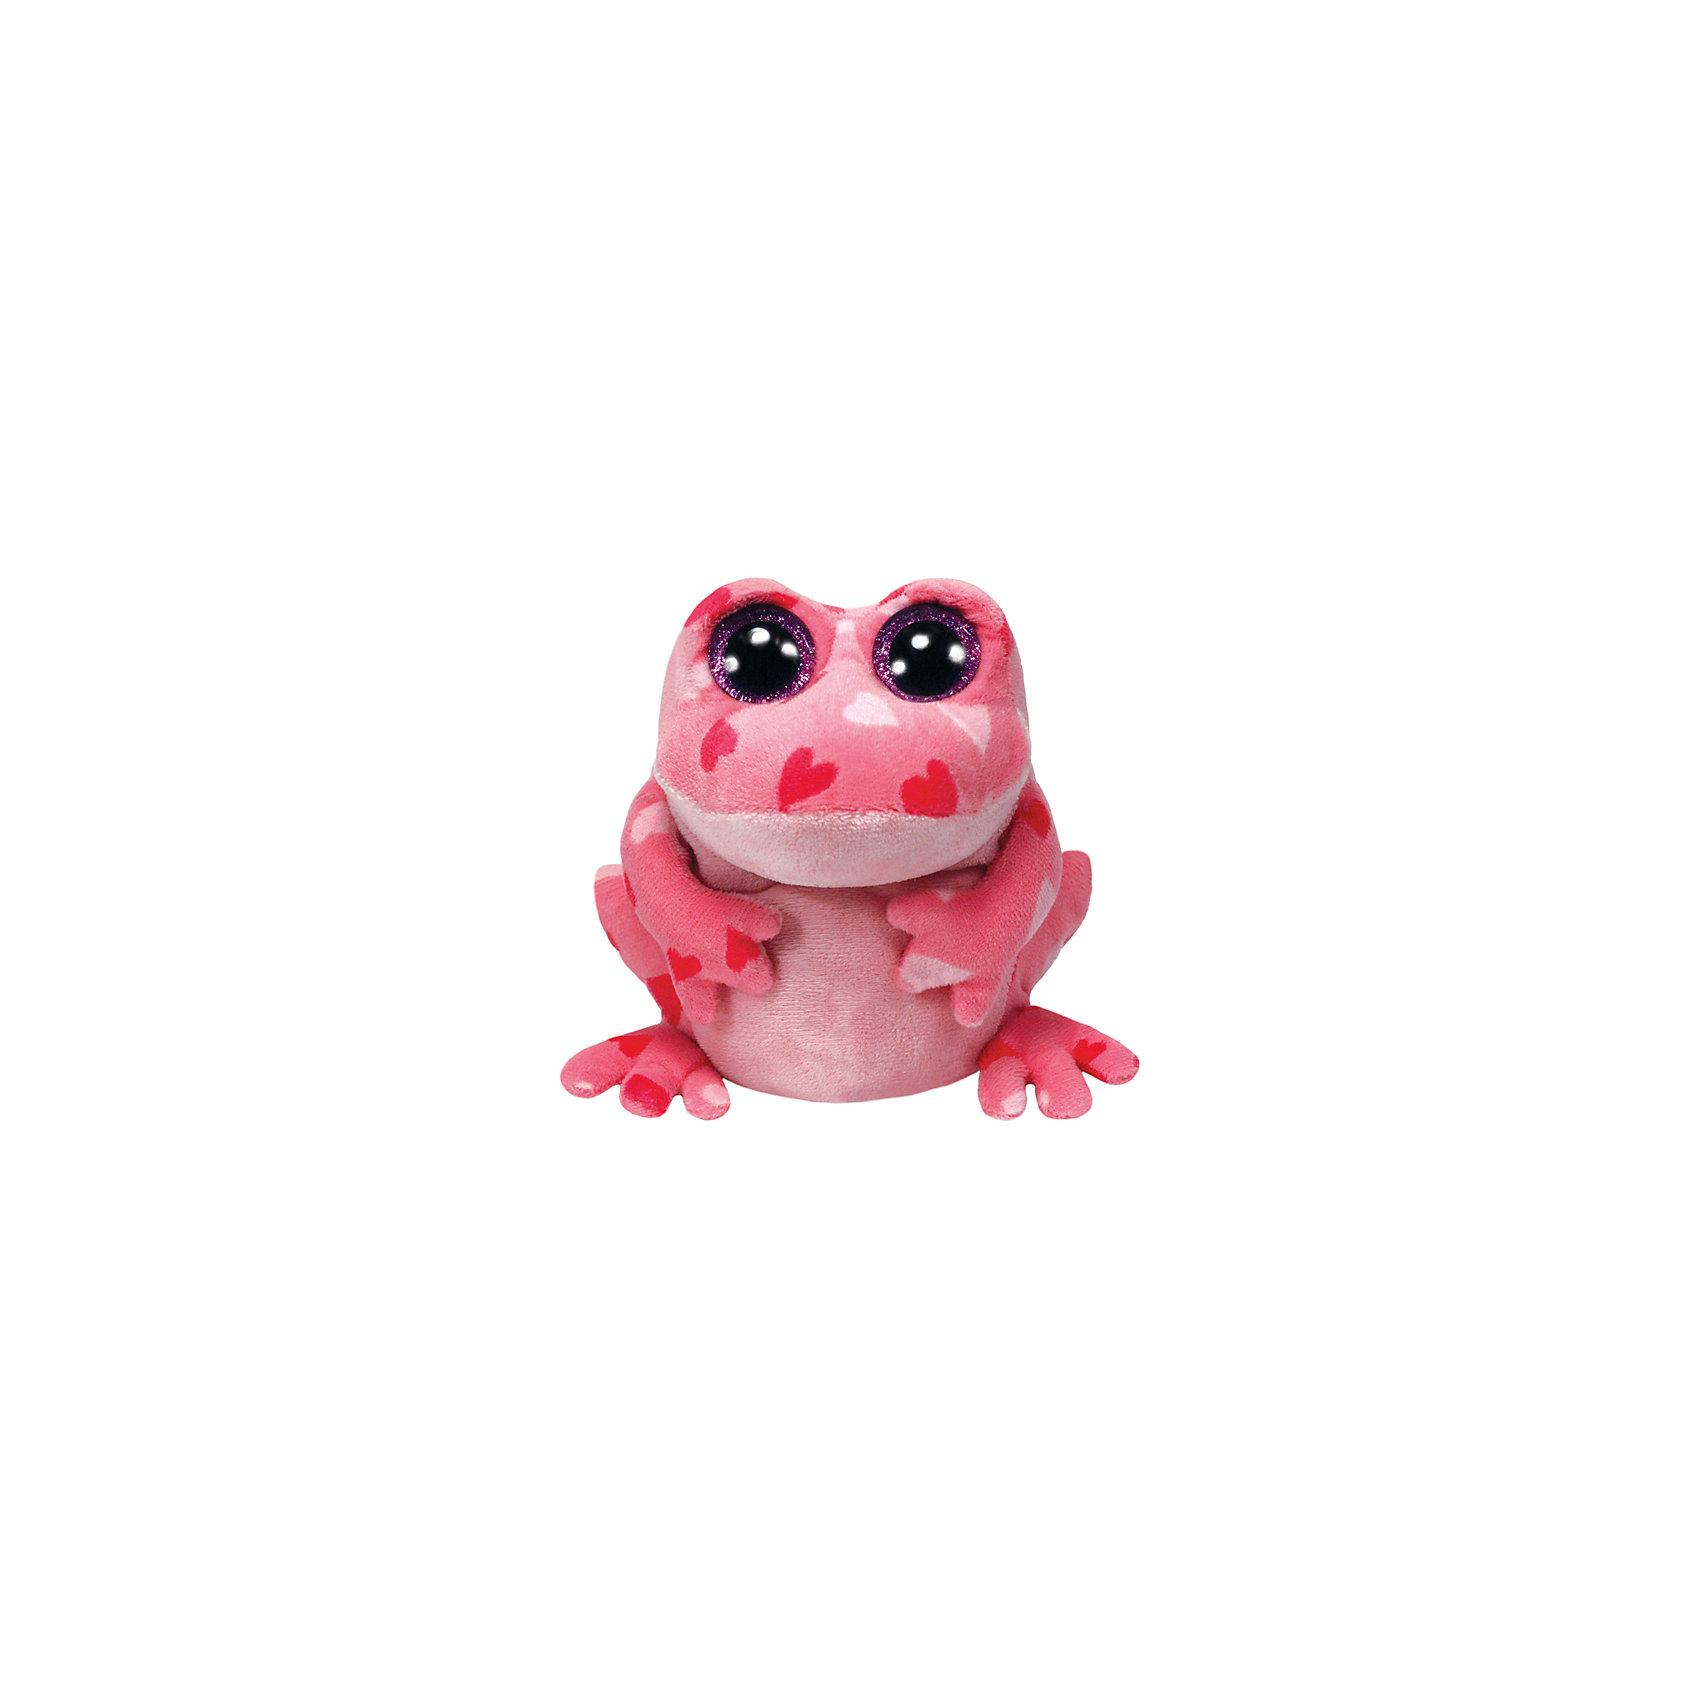 Лягушка Smitten, 15 см, Ty